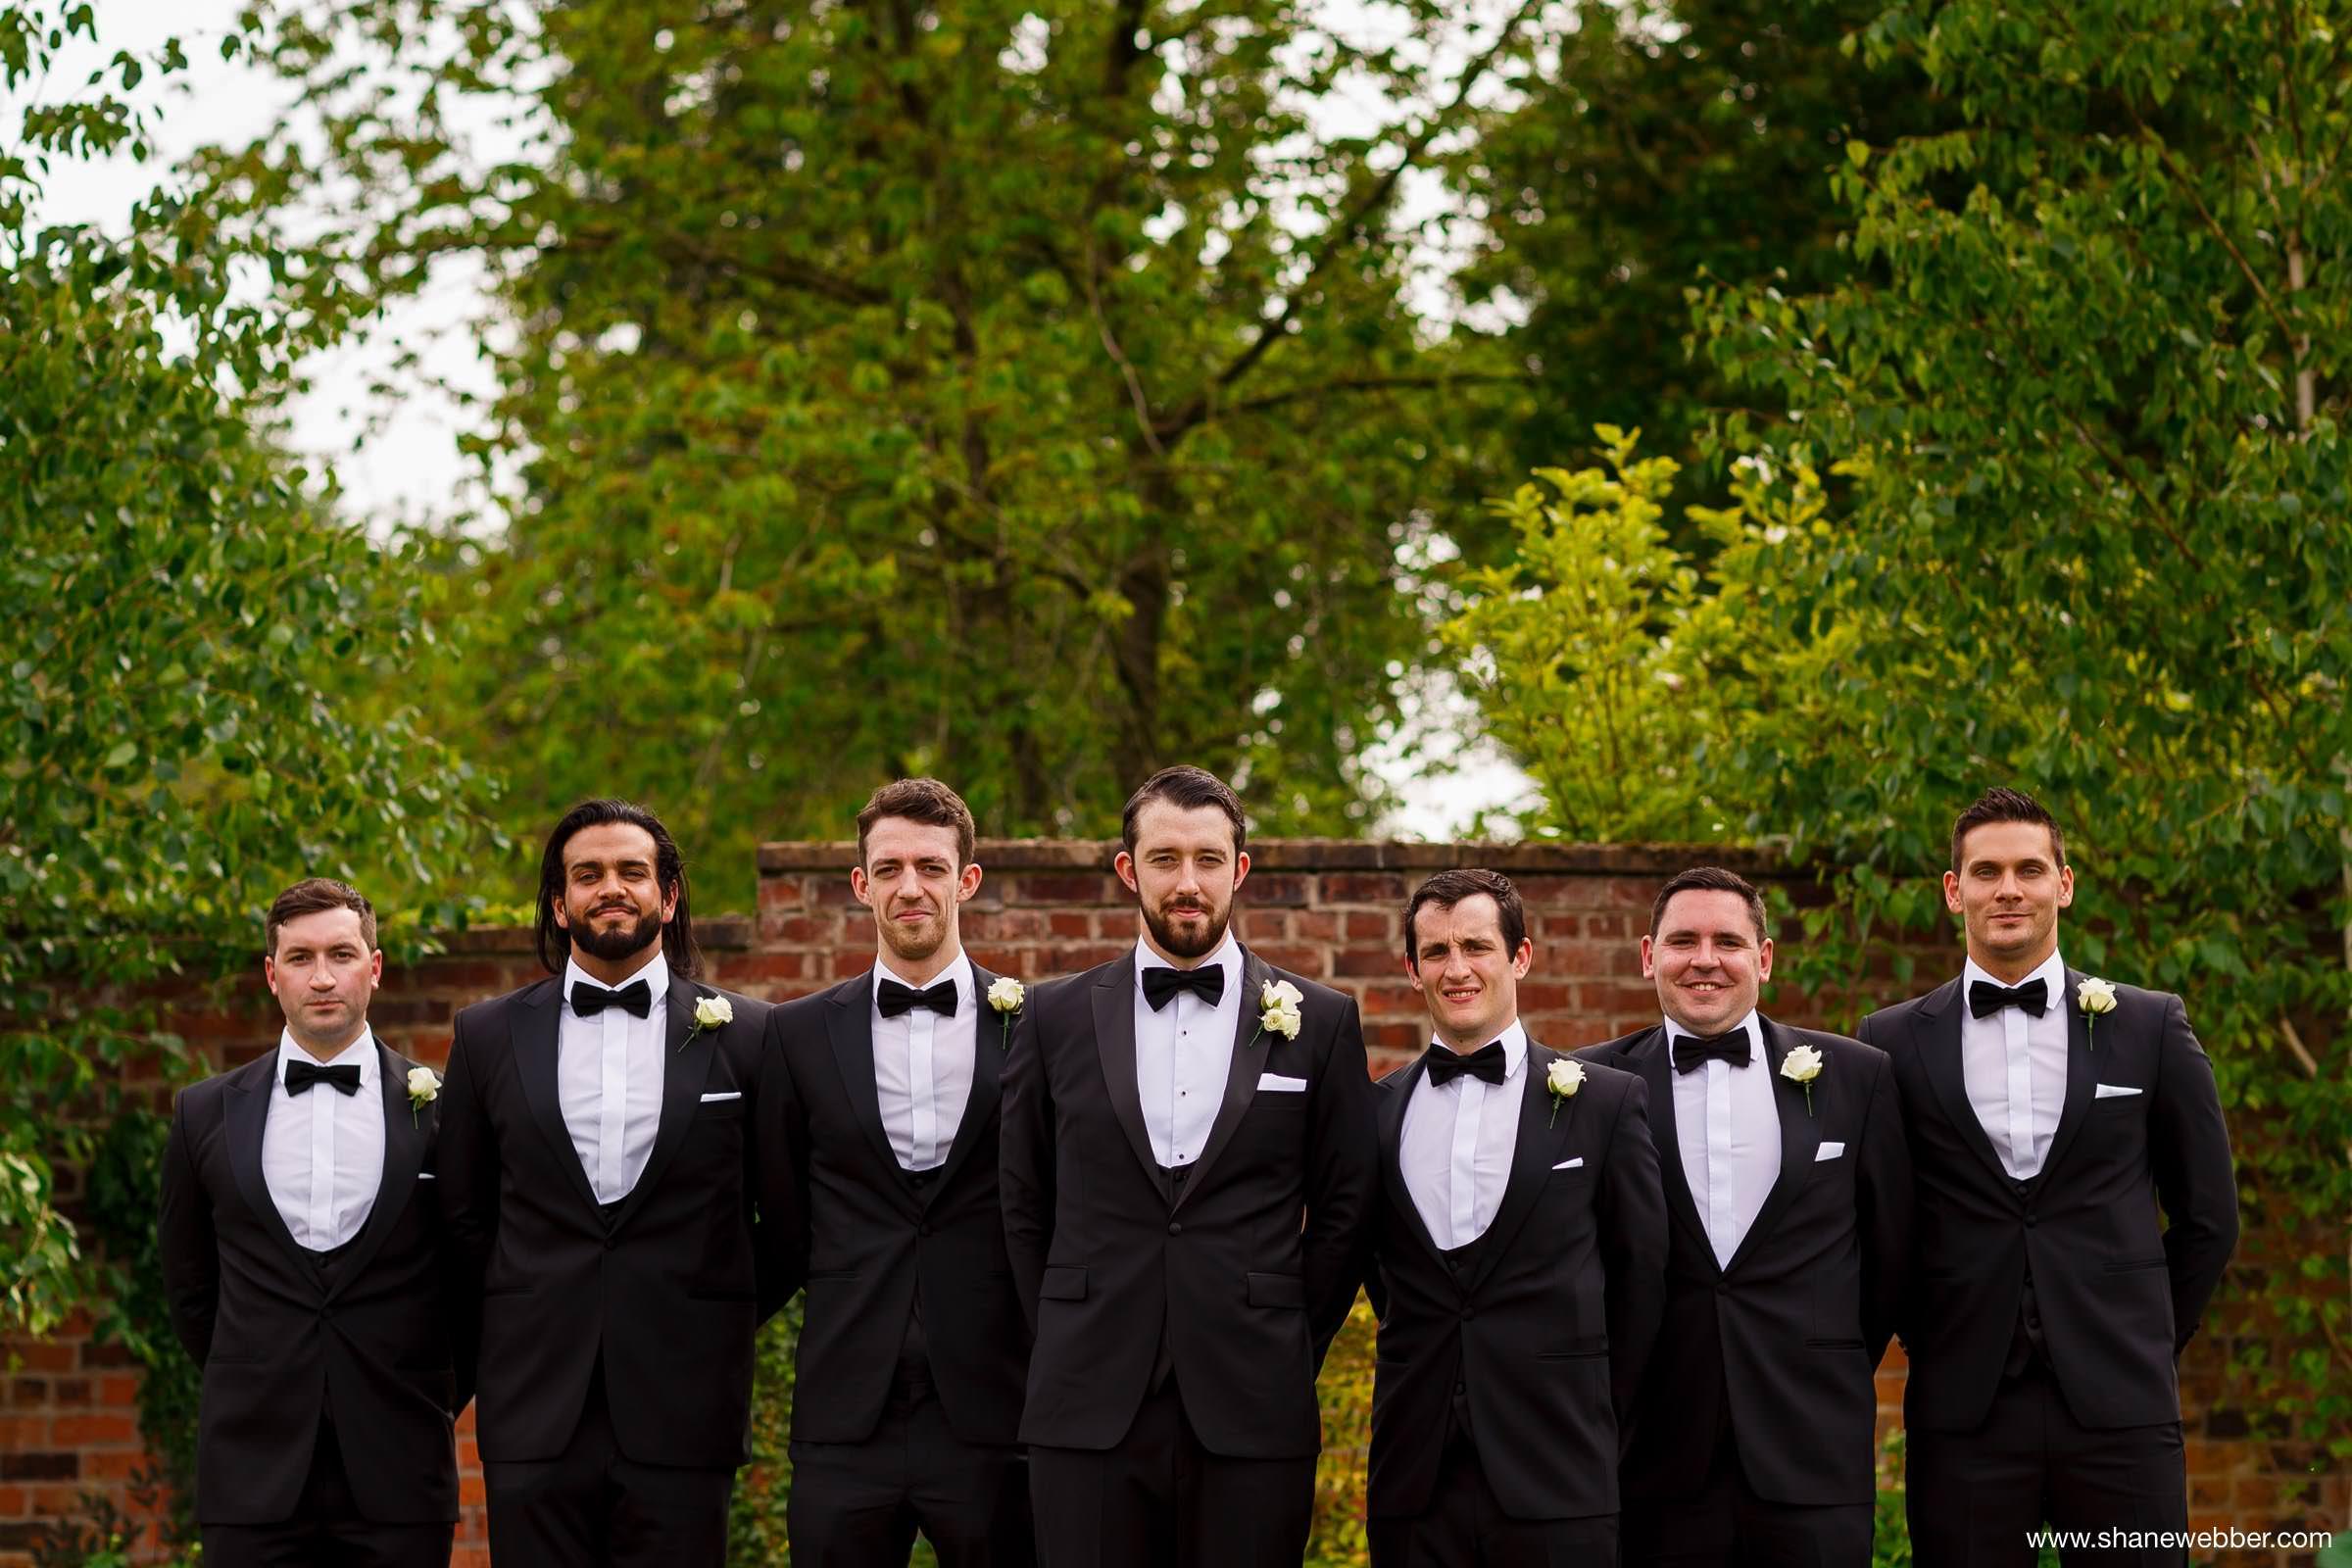 Groom and groomsmen wearing black tie